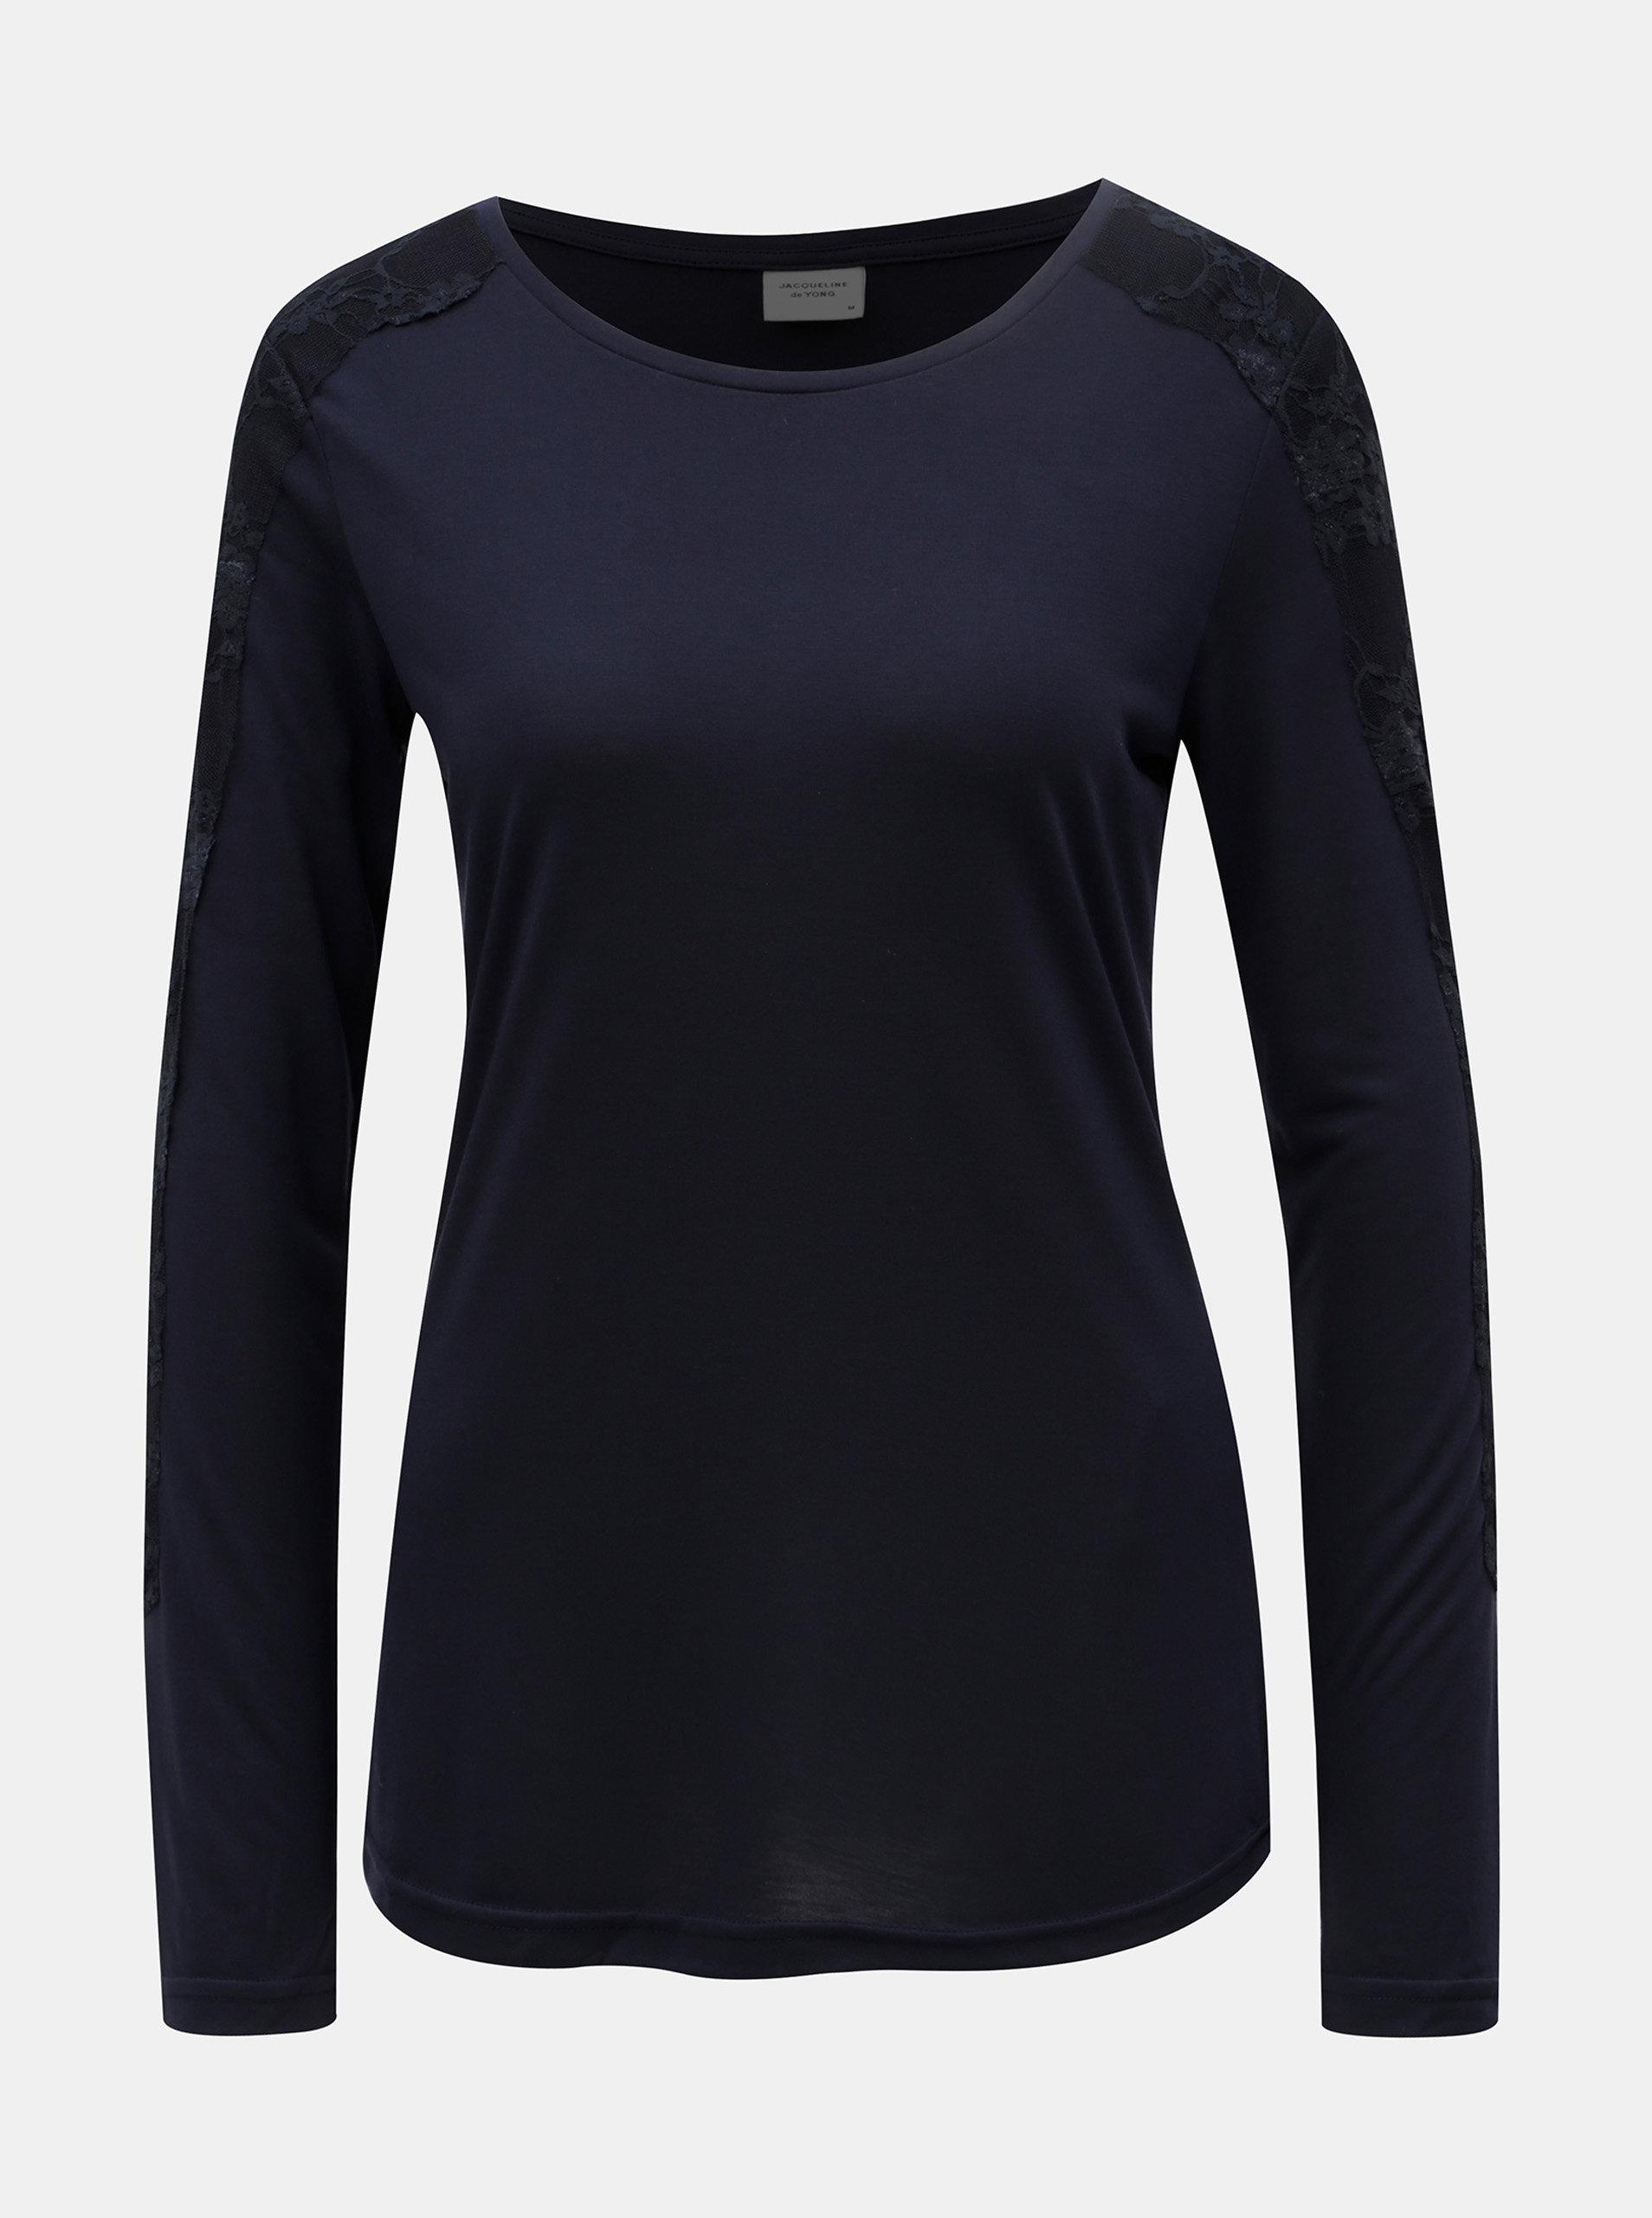 0f0632d93bec Tmavomodré tričko Jacqueline de Yong Olivia ...